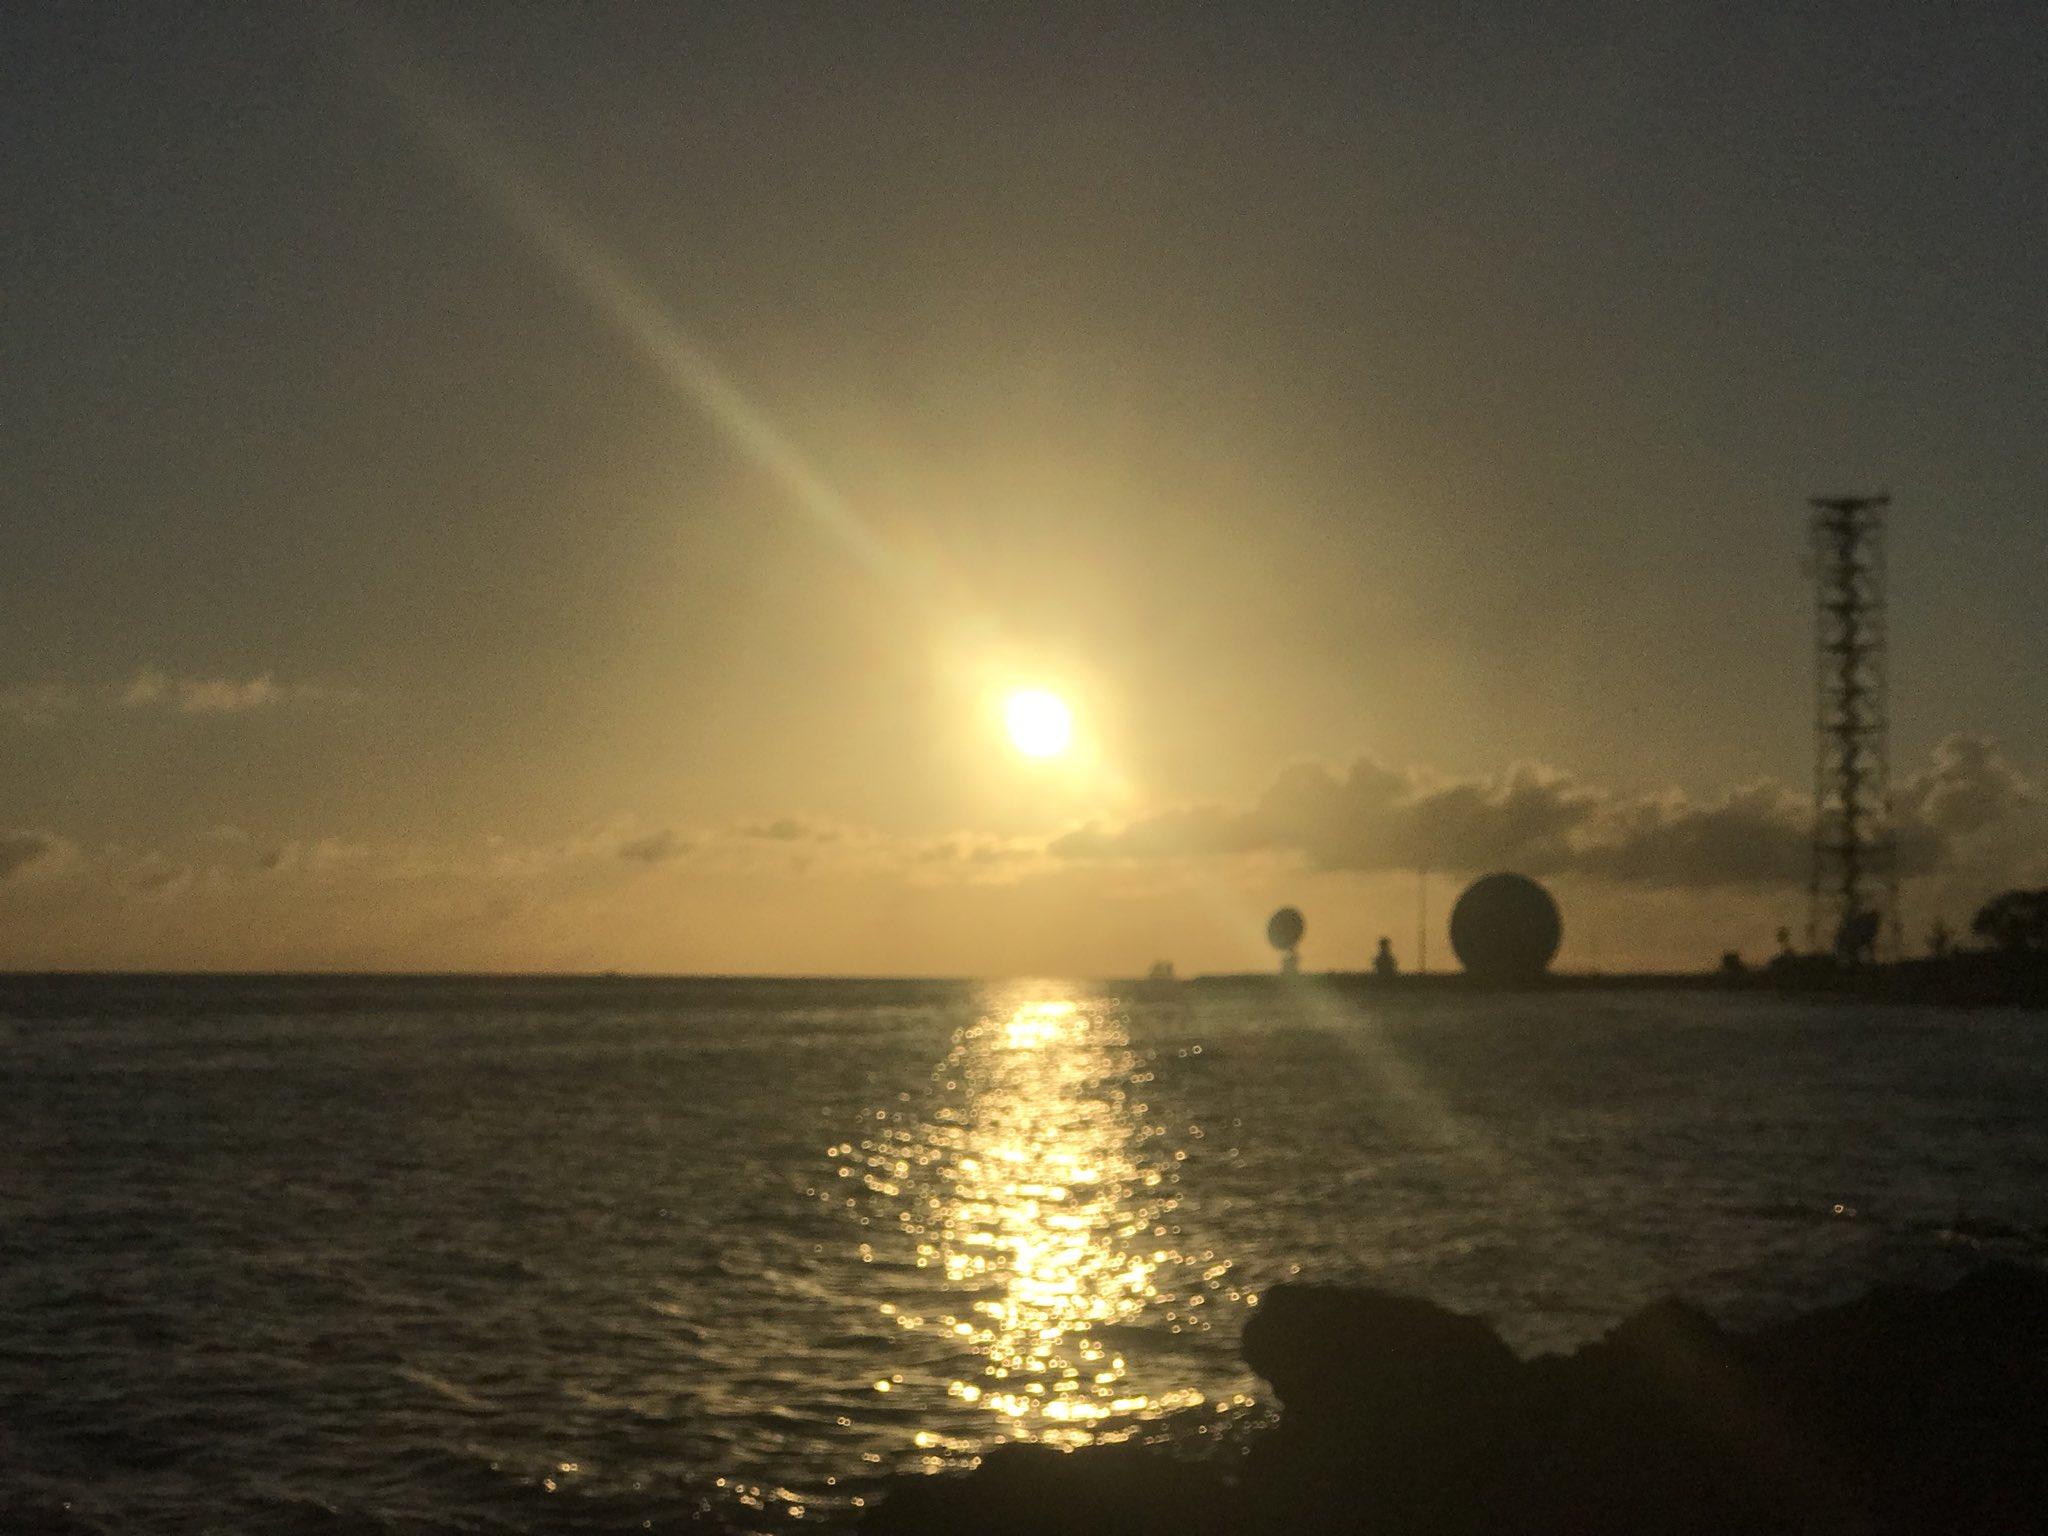 Paradise Sunset �� #roamflorida #floridakeys #keywest #mile0 #greatweather #flwx #sunshine�� https://t.co/UMxGmNT4Fn